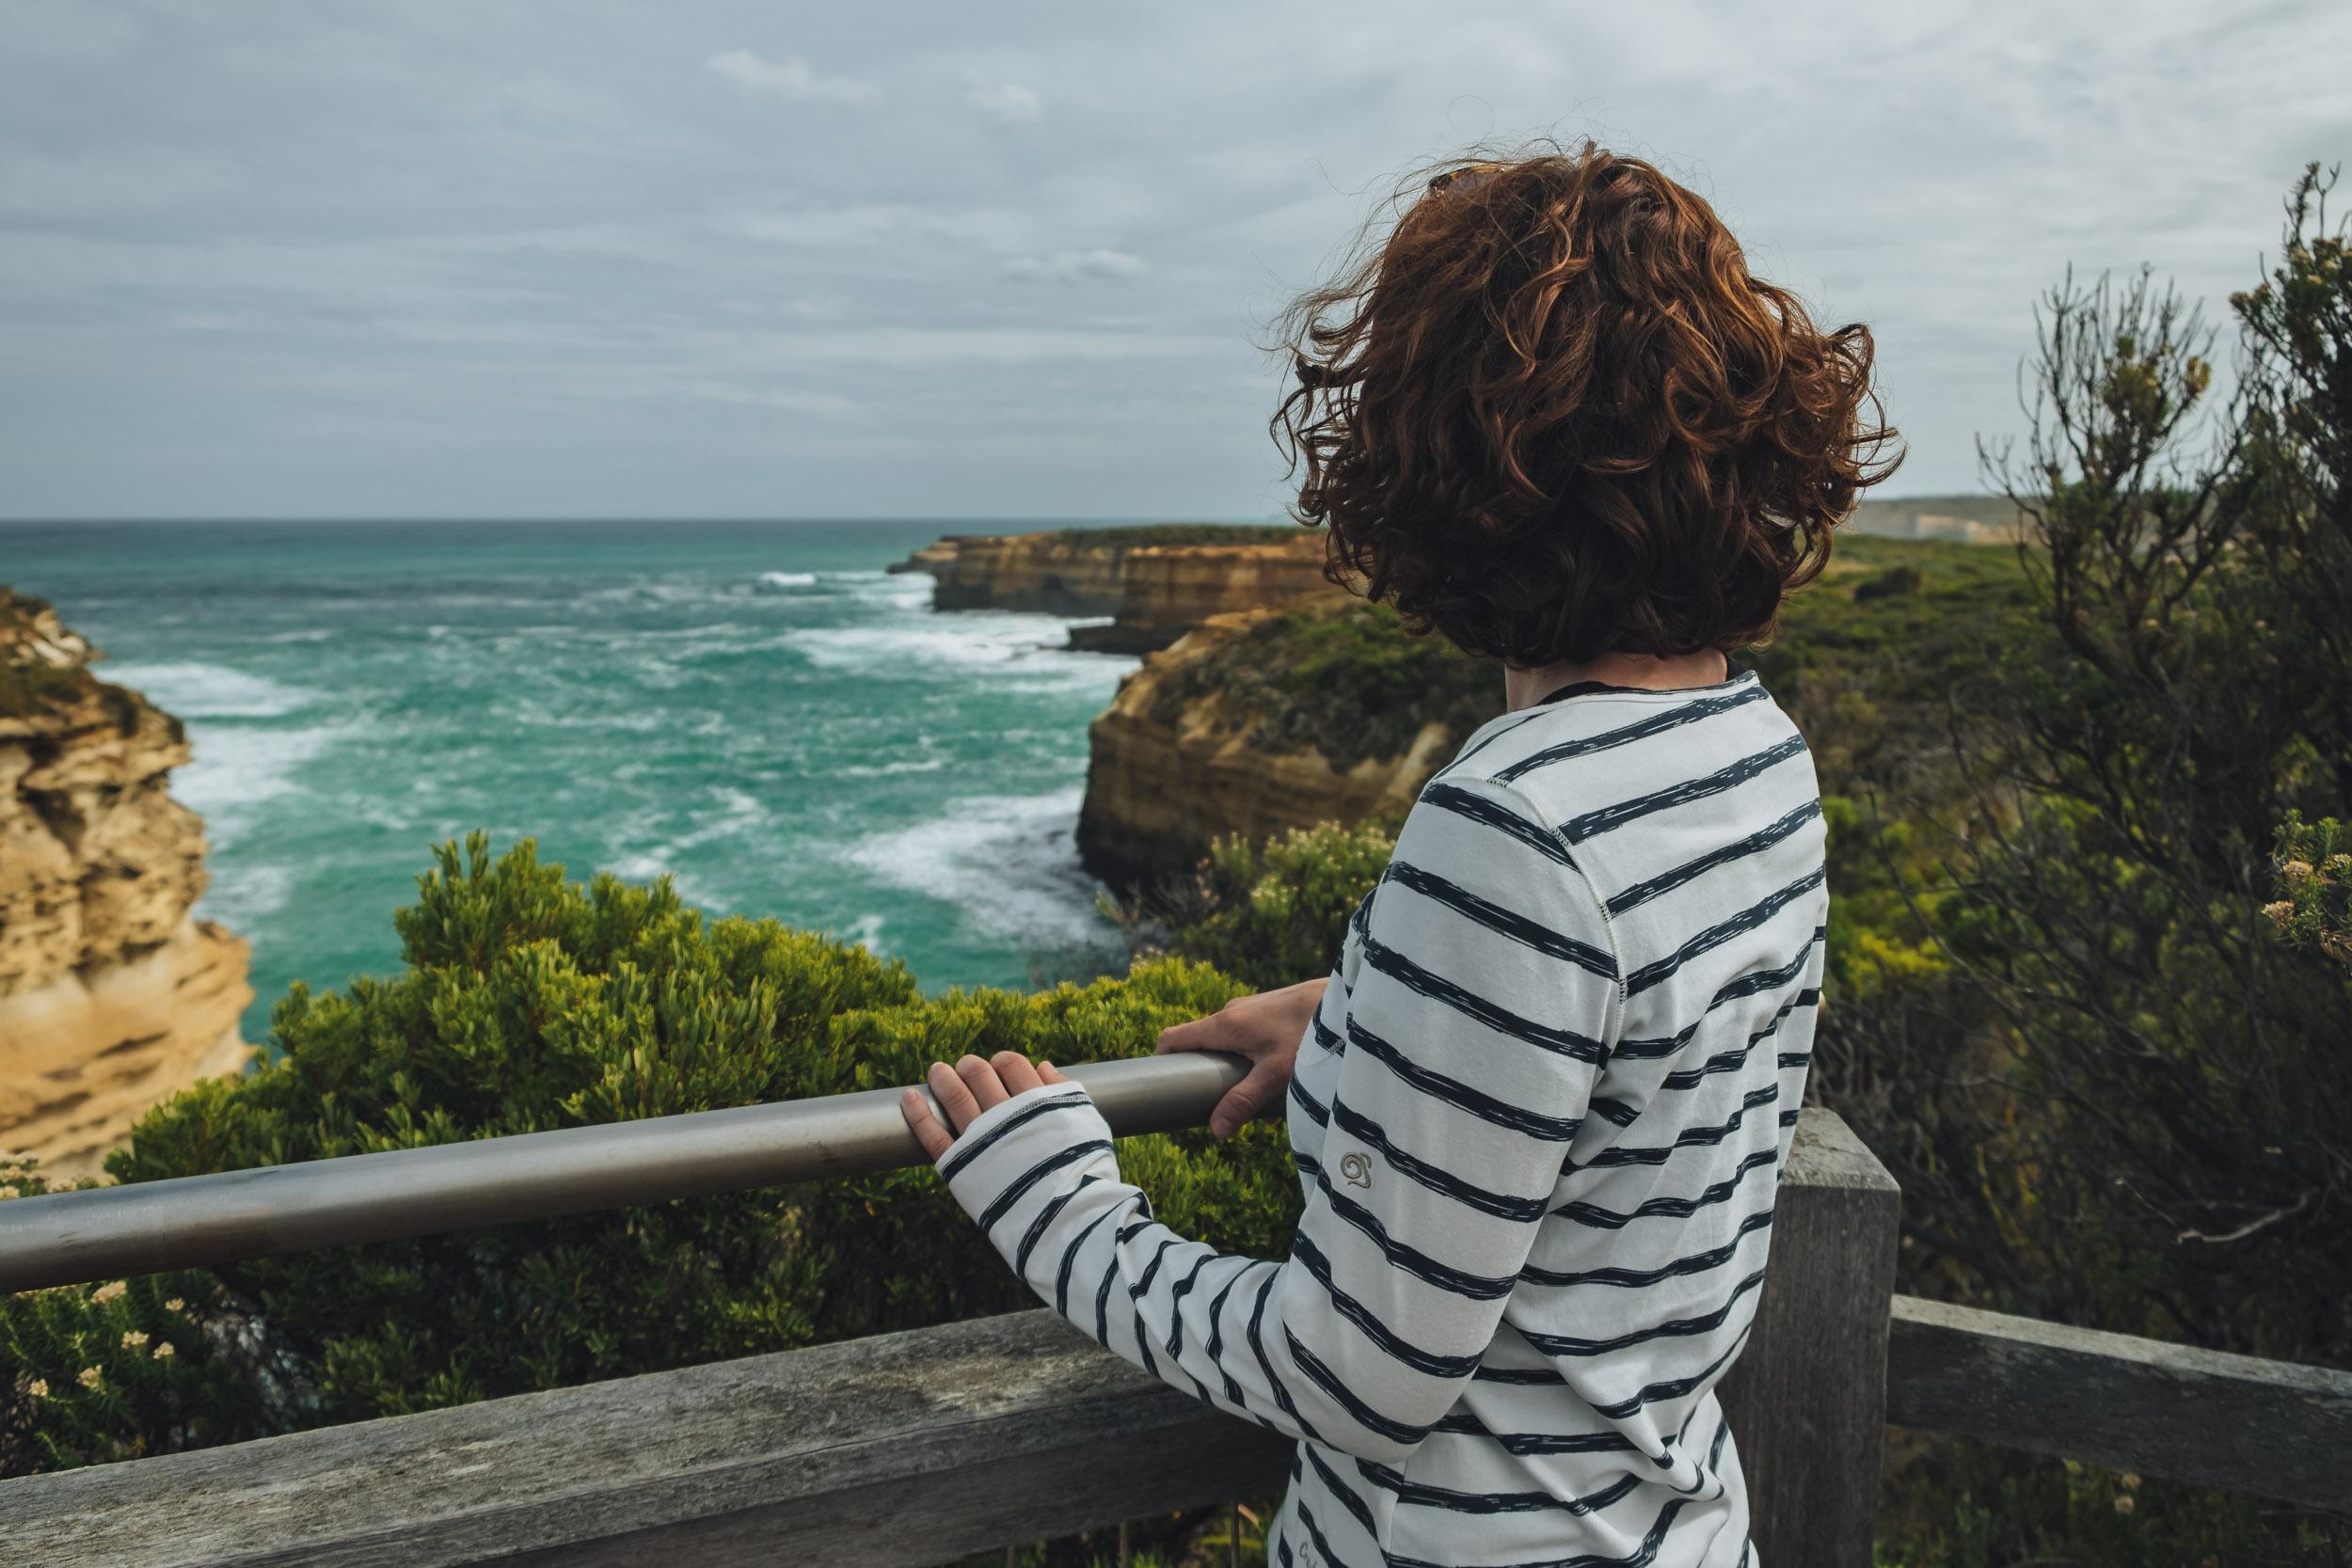 Australia-20180327-002362.jpg